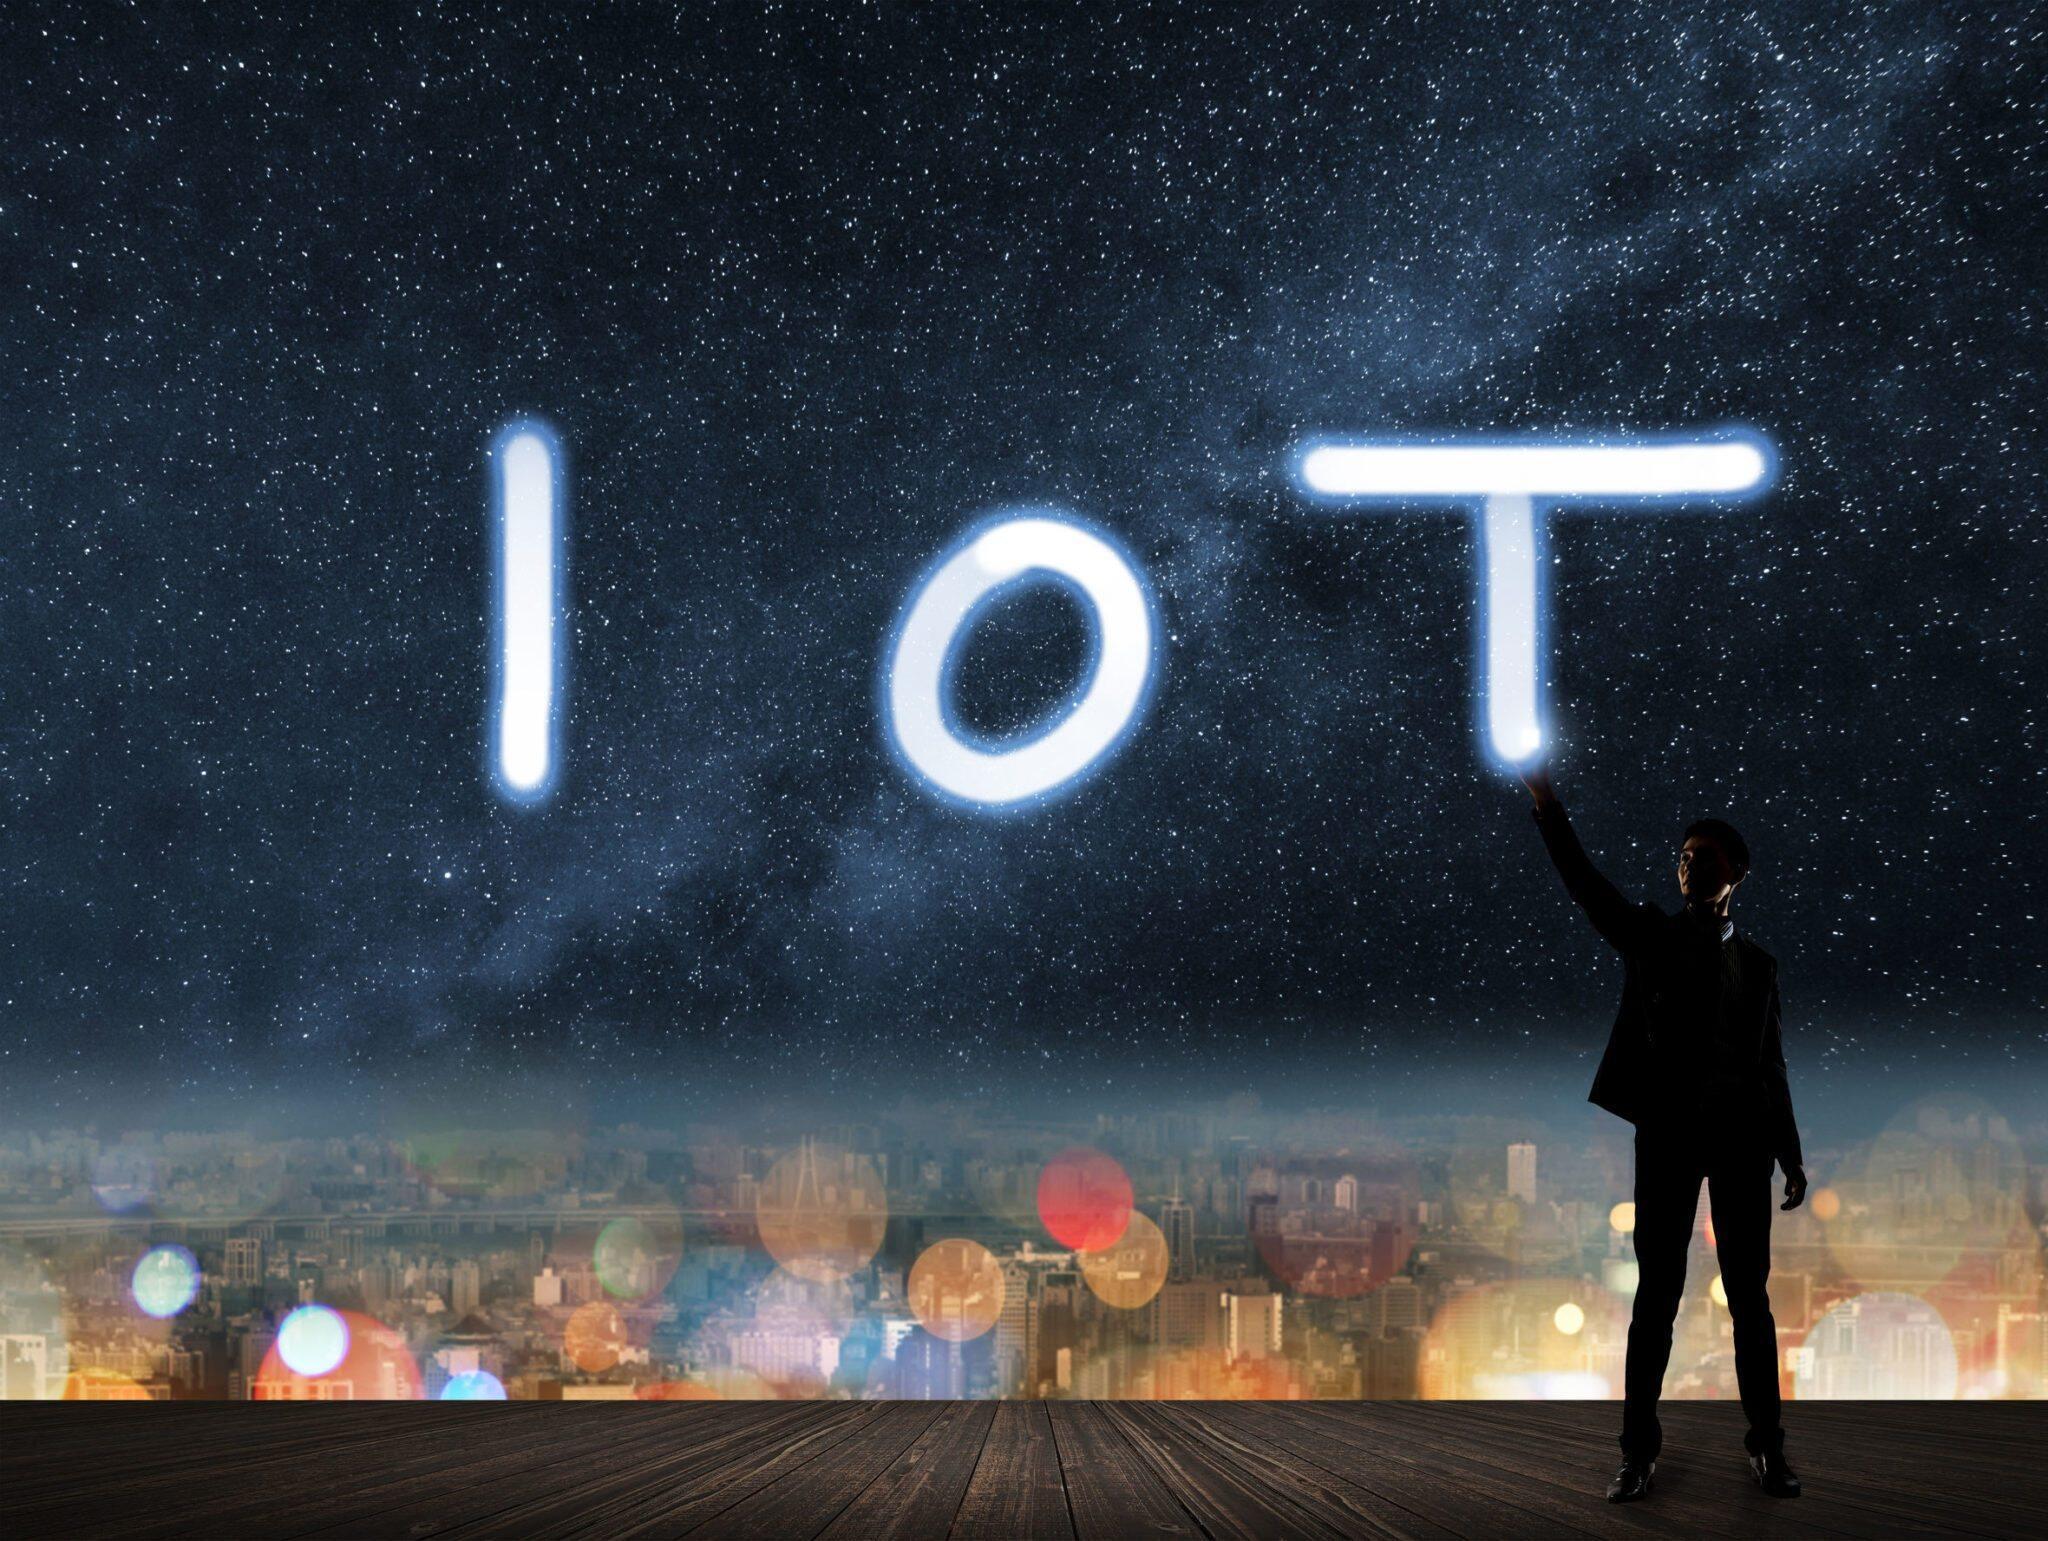 使用 AWS IoT 服务进行资产状况监控